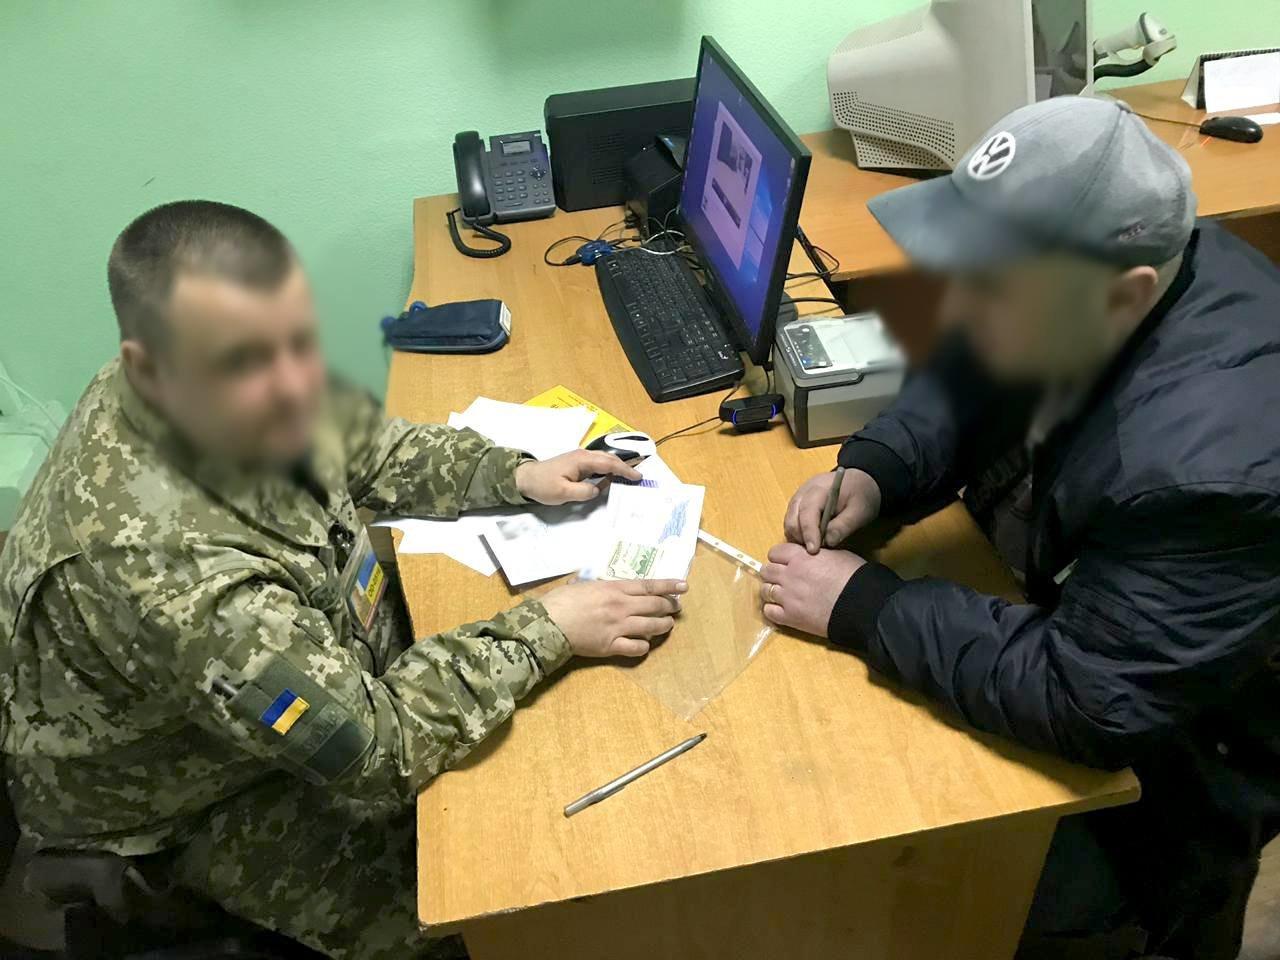 В Черноморске гражданин Грузии хотел решить свою проблему взяткой, фото-1